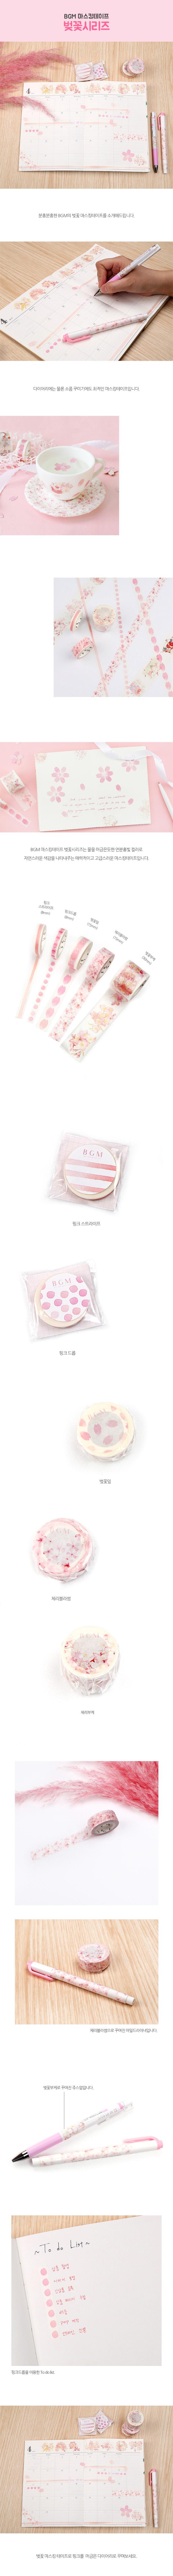 BGM 마스킹테이프-벚꽃 시리즈 - 제이펜즈, 2,500원, 마스킹 테이프, 종이 마스킹테이프